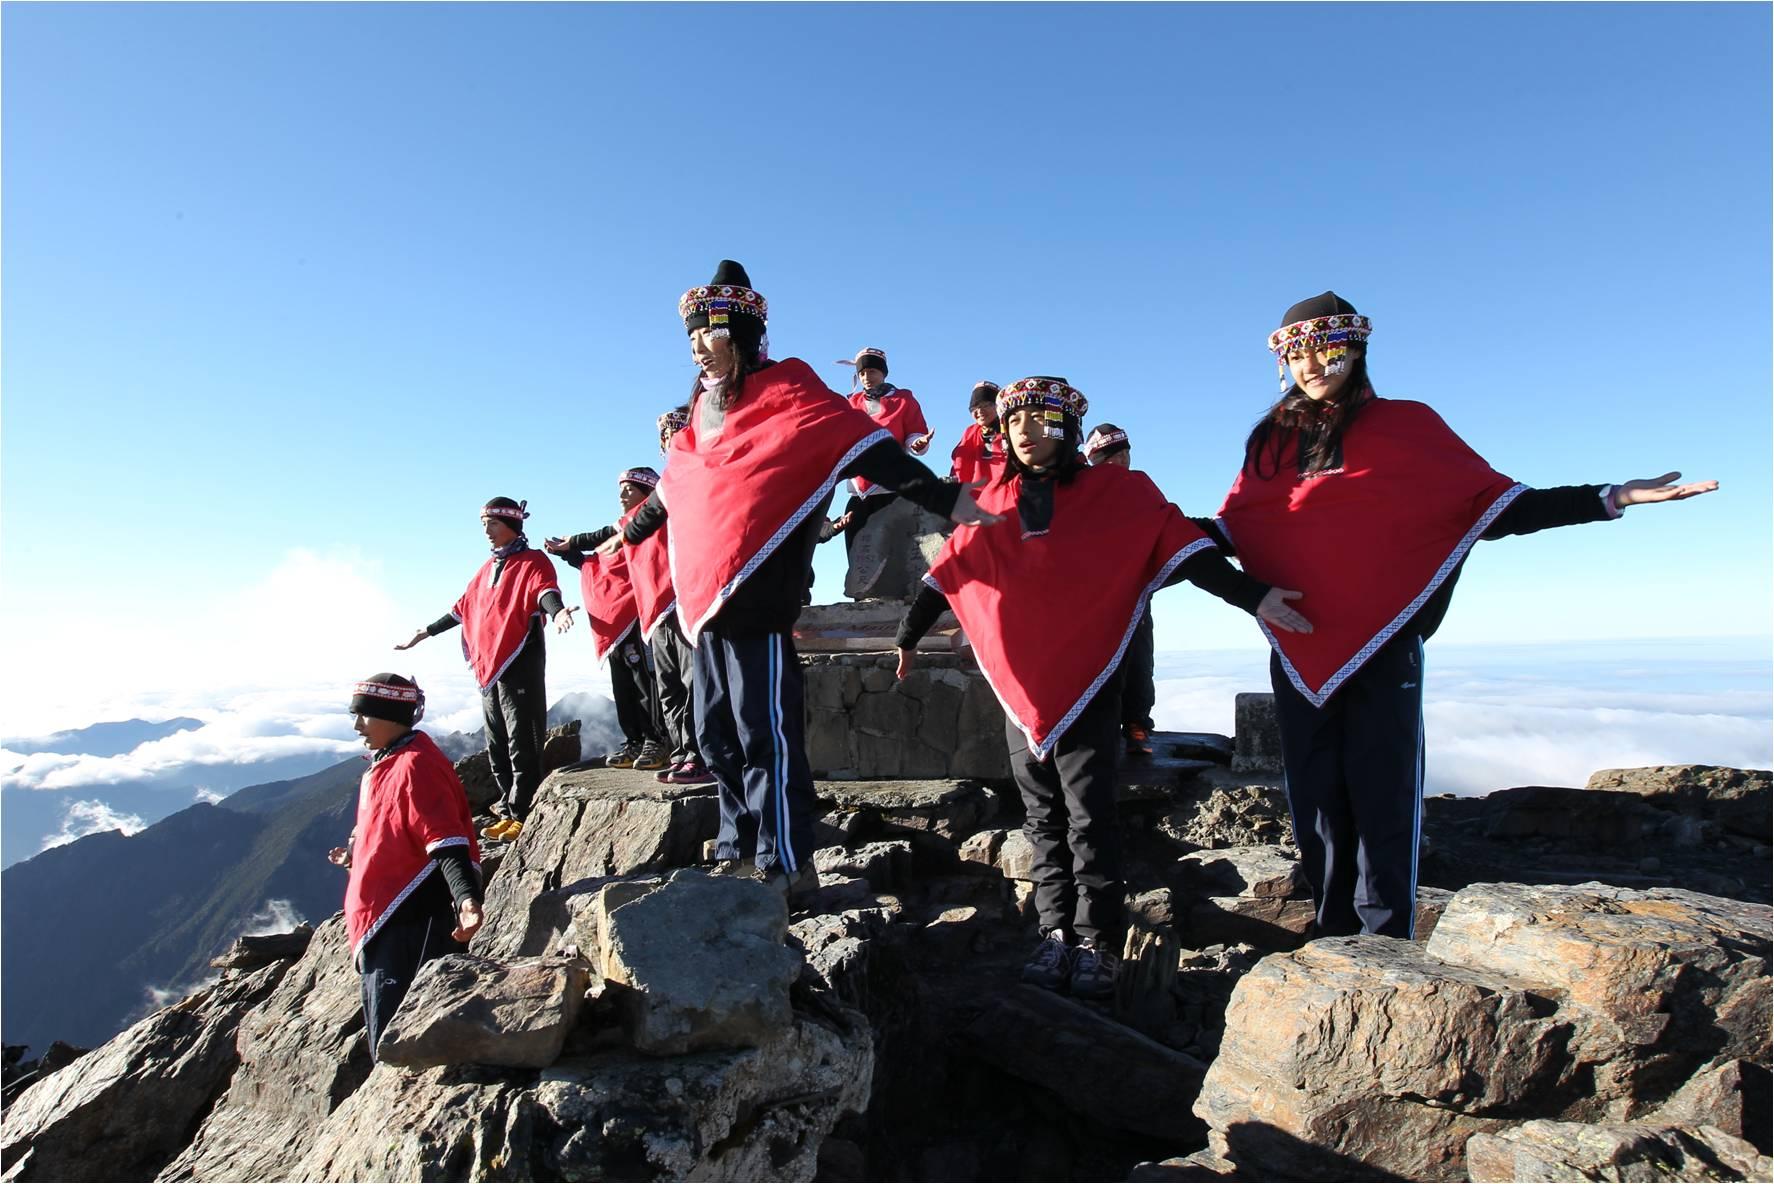 TutorABC夢想起飛.世界之美公益禮讚音樂會邀請台灣原聲童聲合唱團聯袂做愛心演出